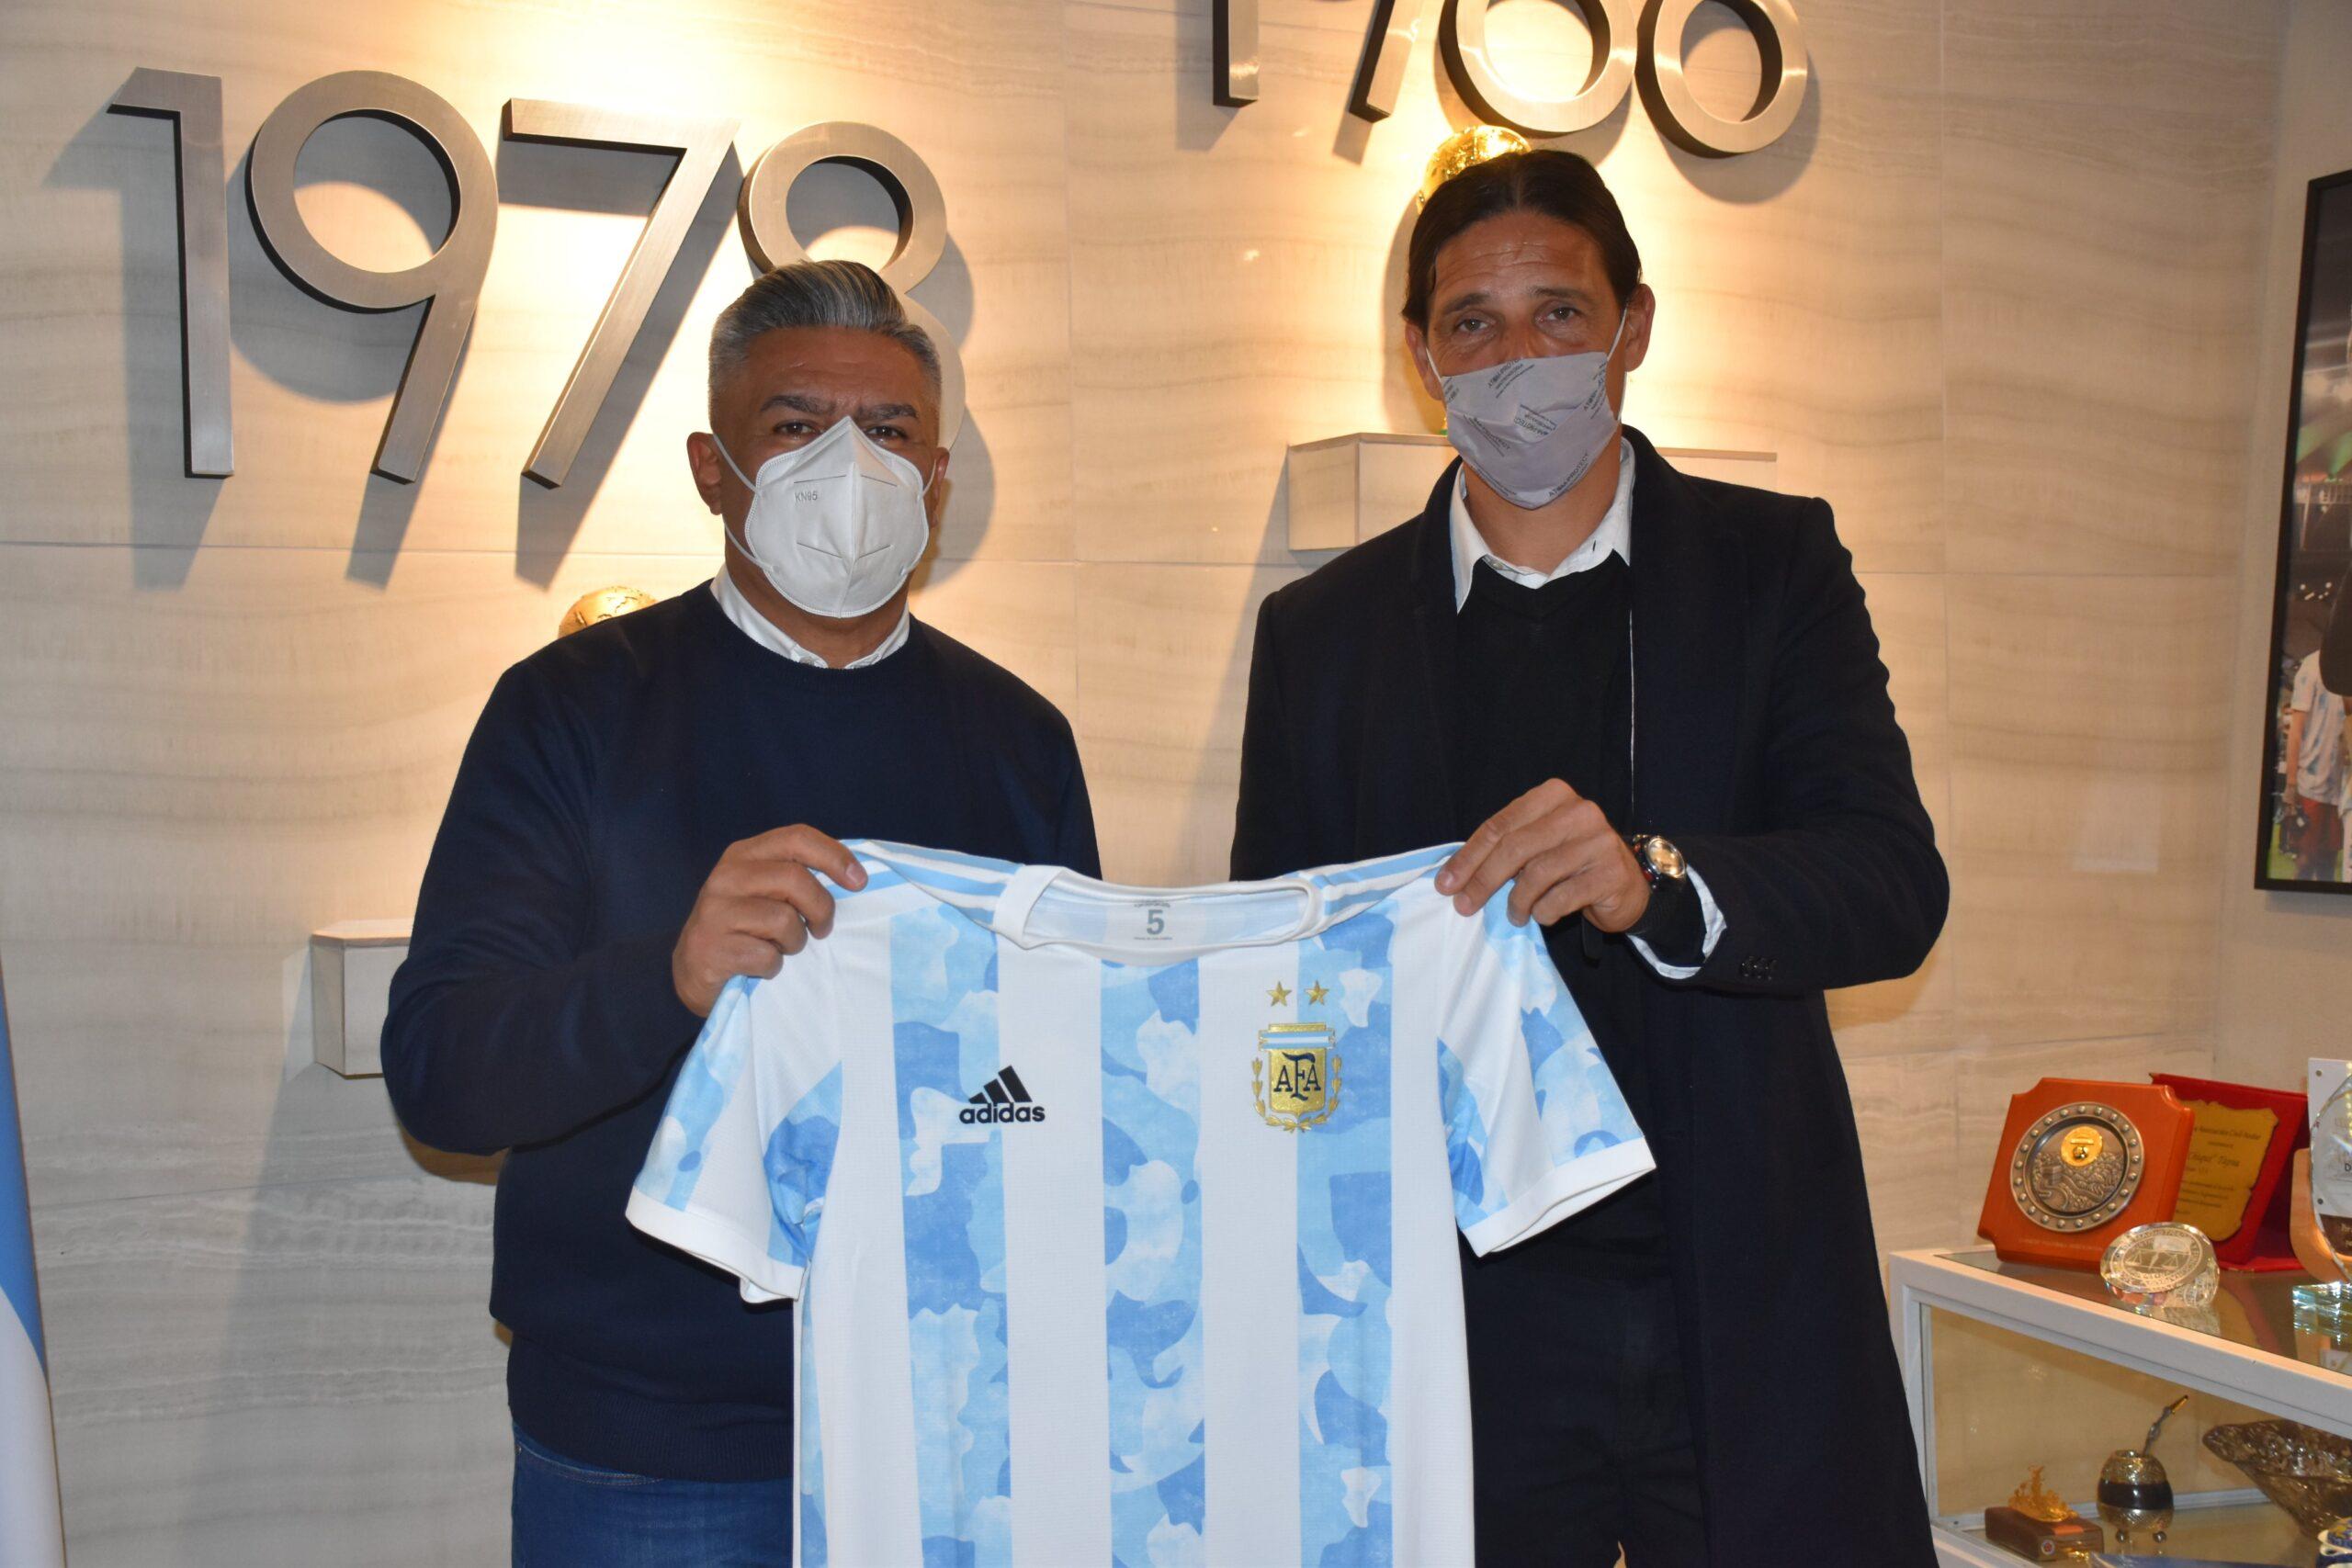 Germán Portanova es el nuevo entrenador de la Selección Argentina